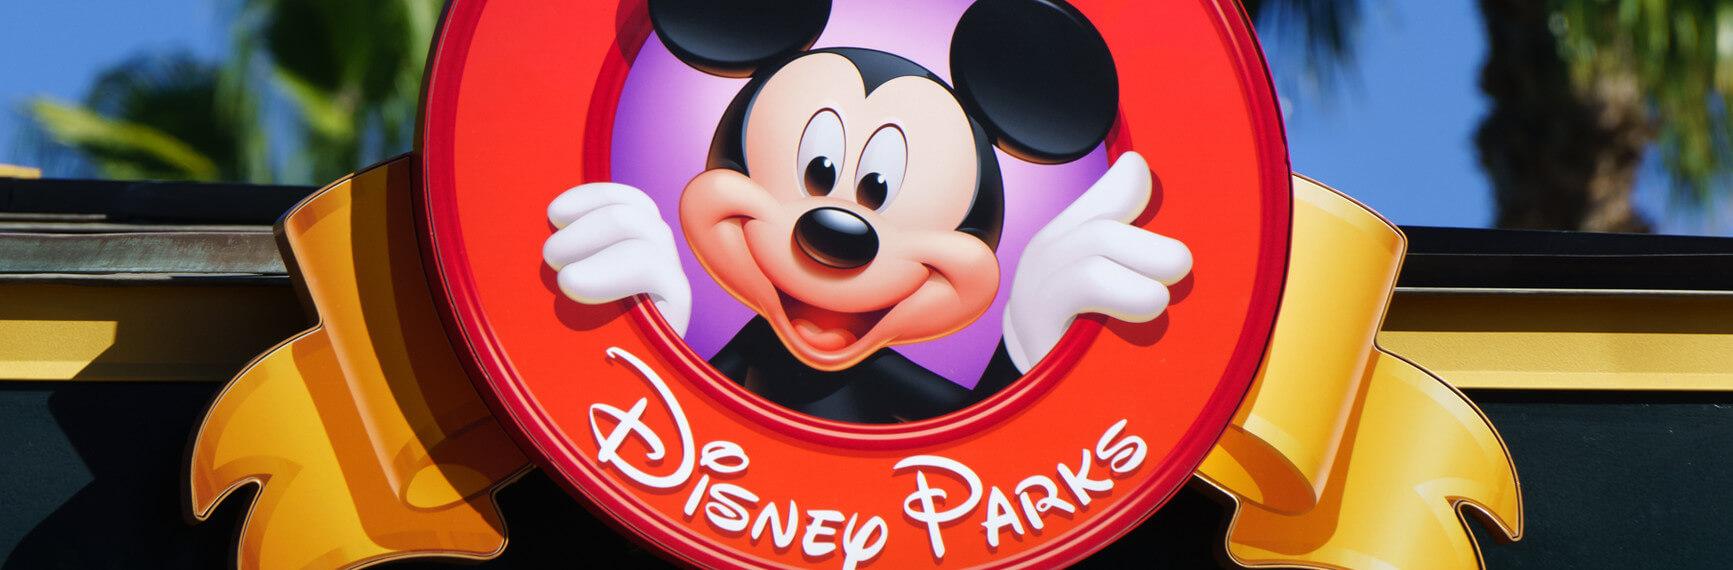 Disney Parks sign